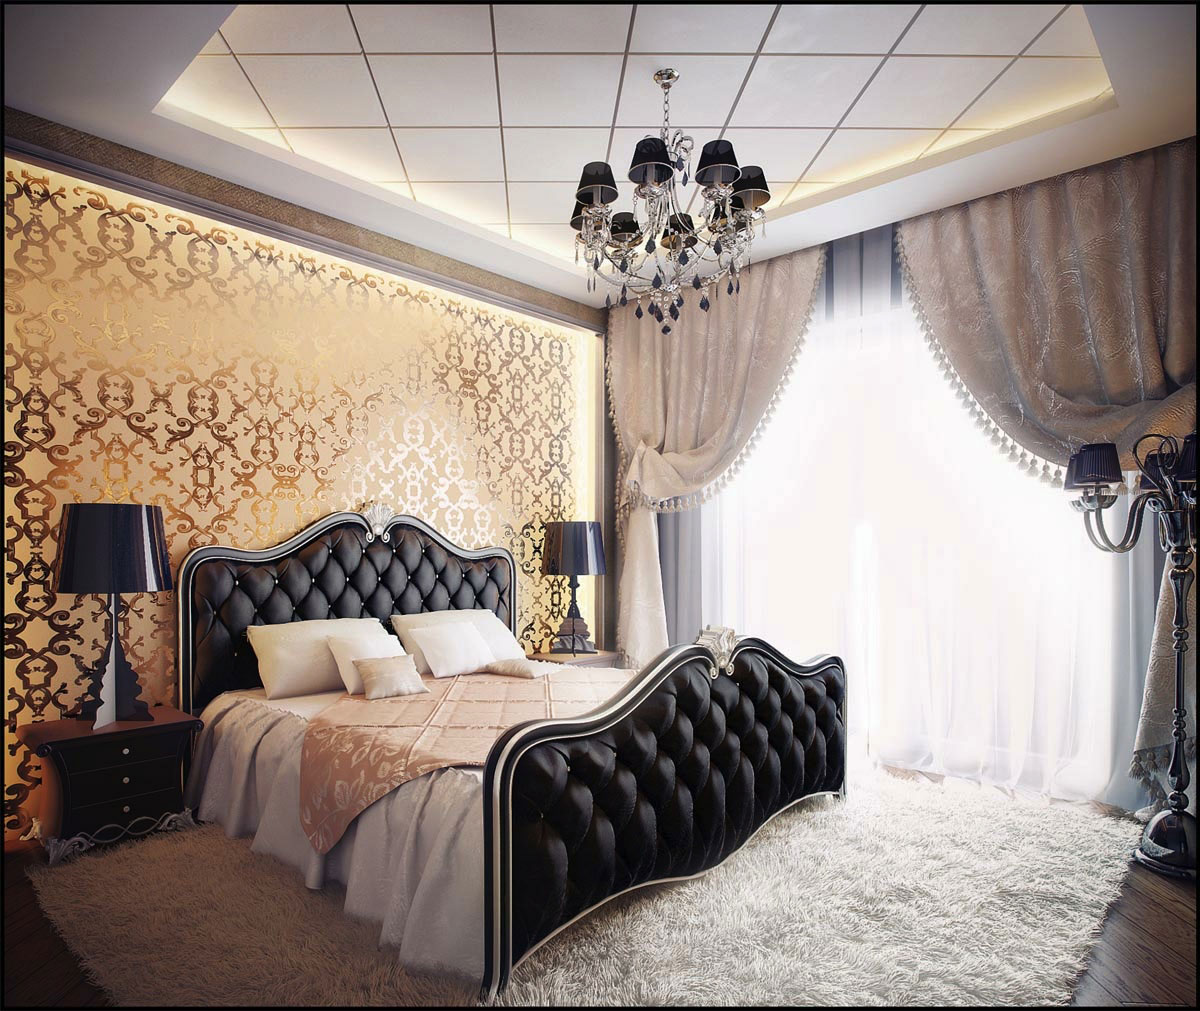 Idee di arredo per la camera da letto 10 stili diversi designandmore arredare casa - Consolle camera da letto ...